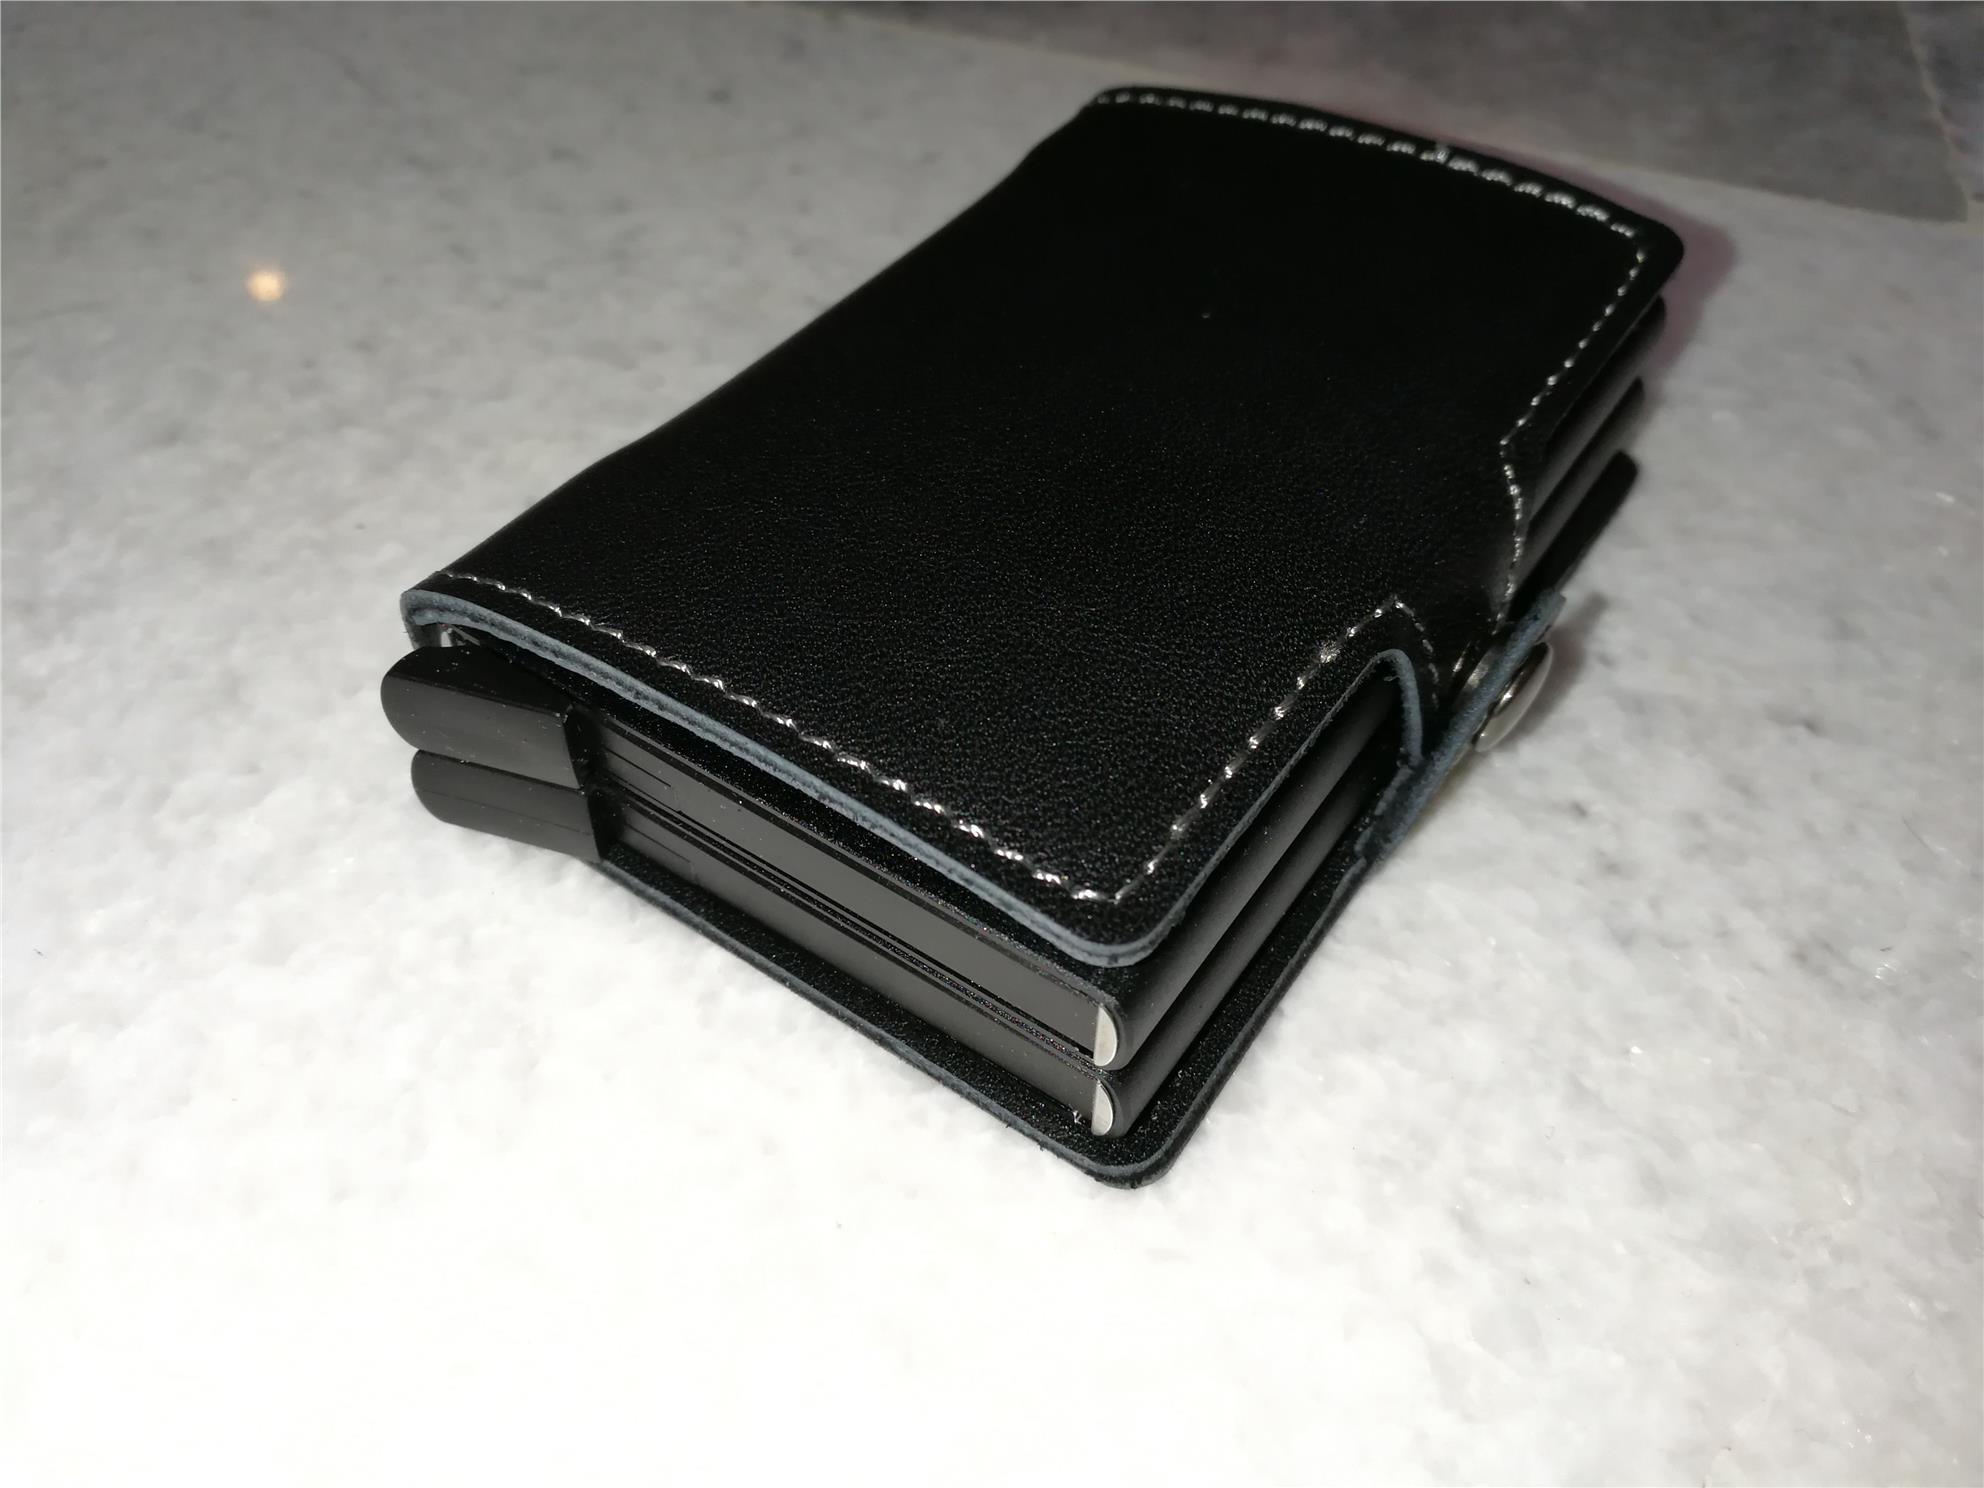 d6707e00c71 PREMIUM Secrid Twin Wallet LEATHER (end 8/21/2020 11:49 PM)